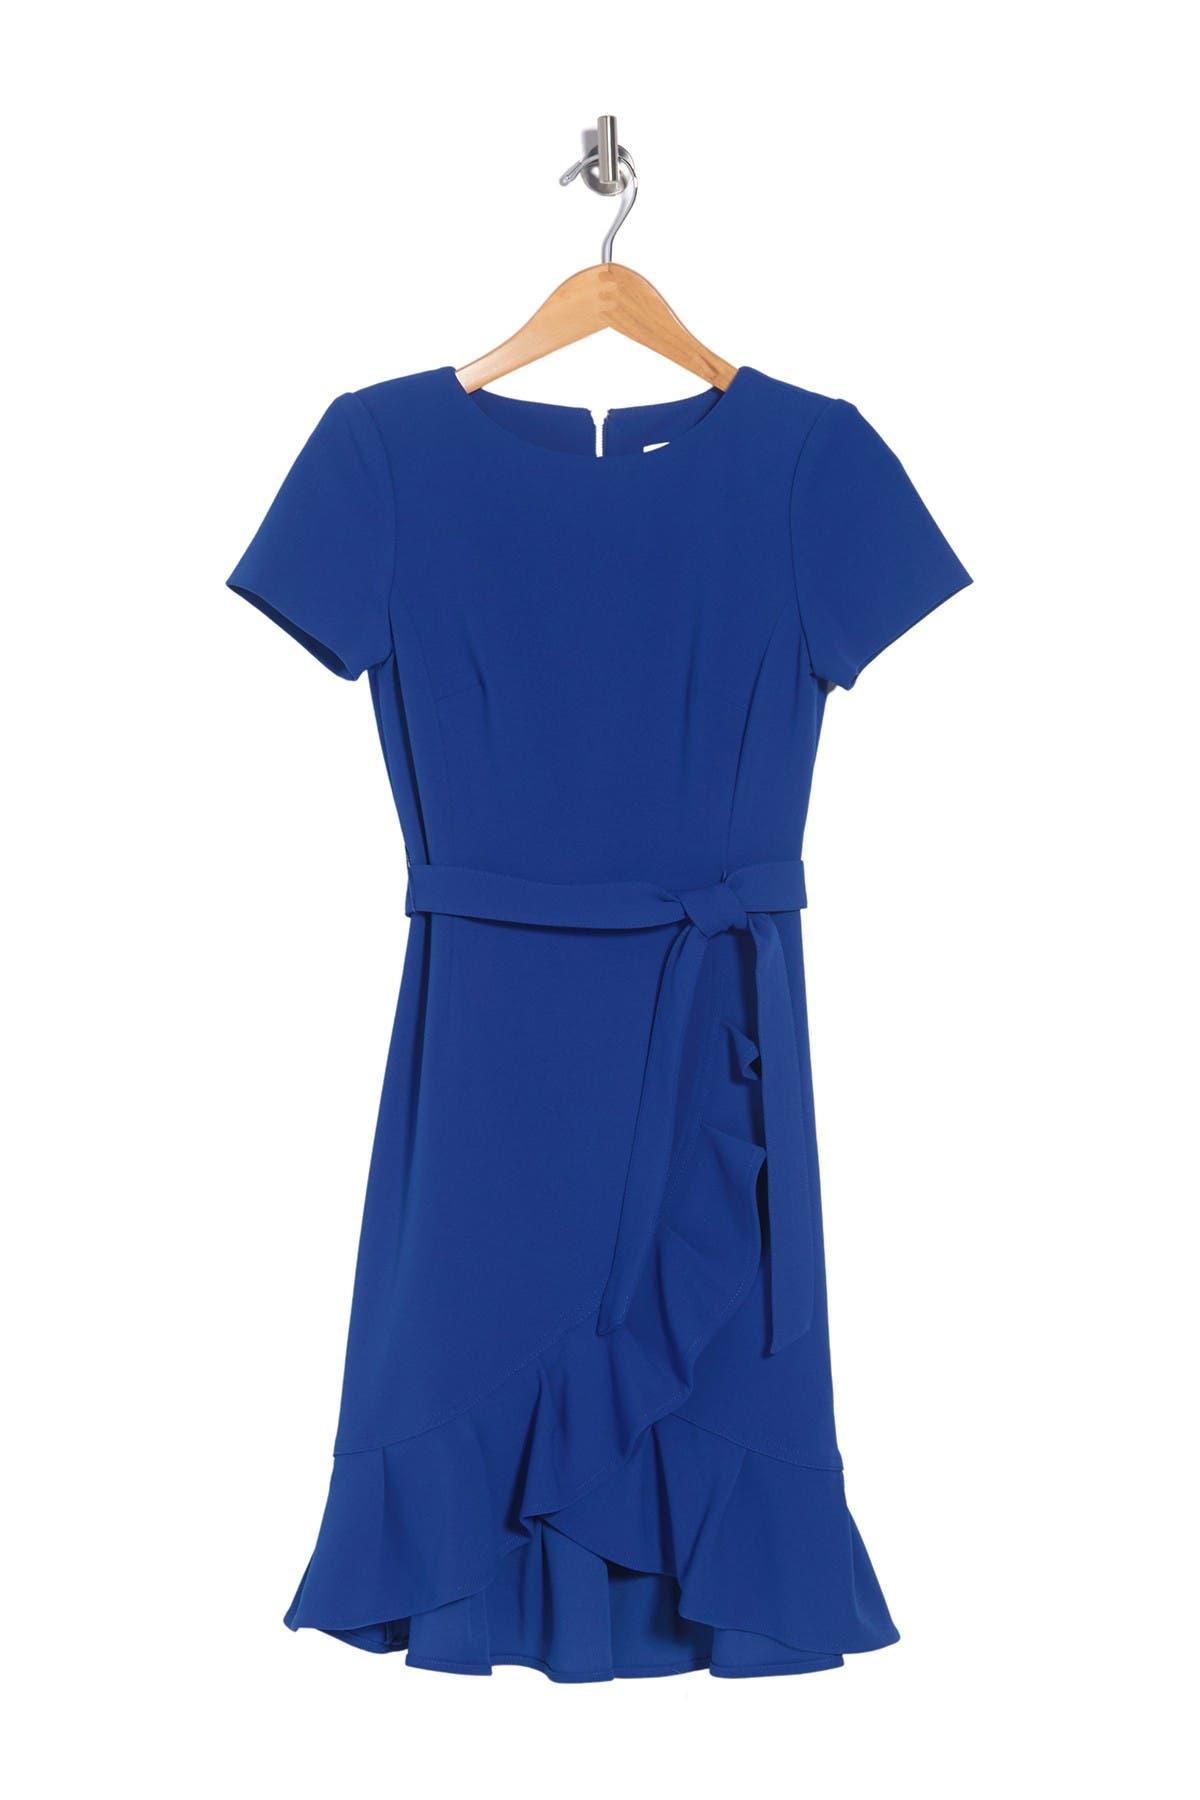 Image of Calvin Klein Ruffle Trim Waist Tie Dress